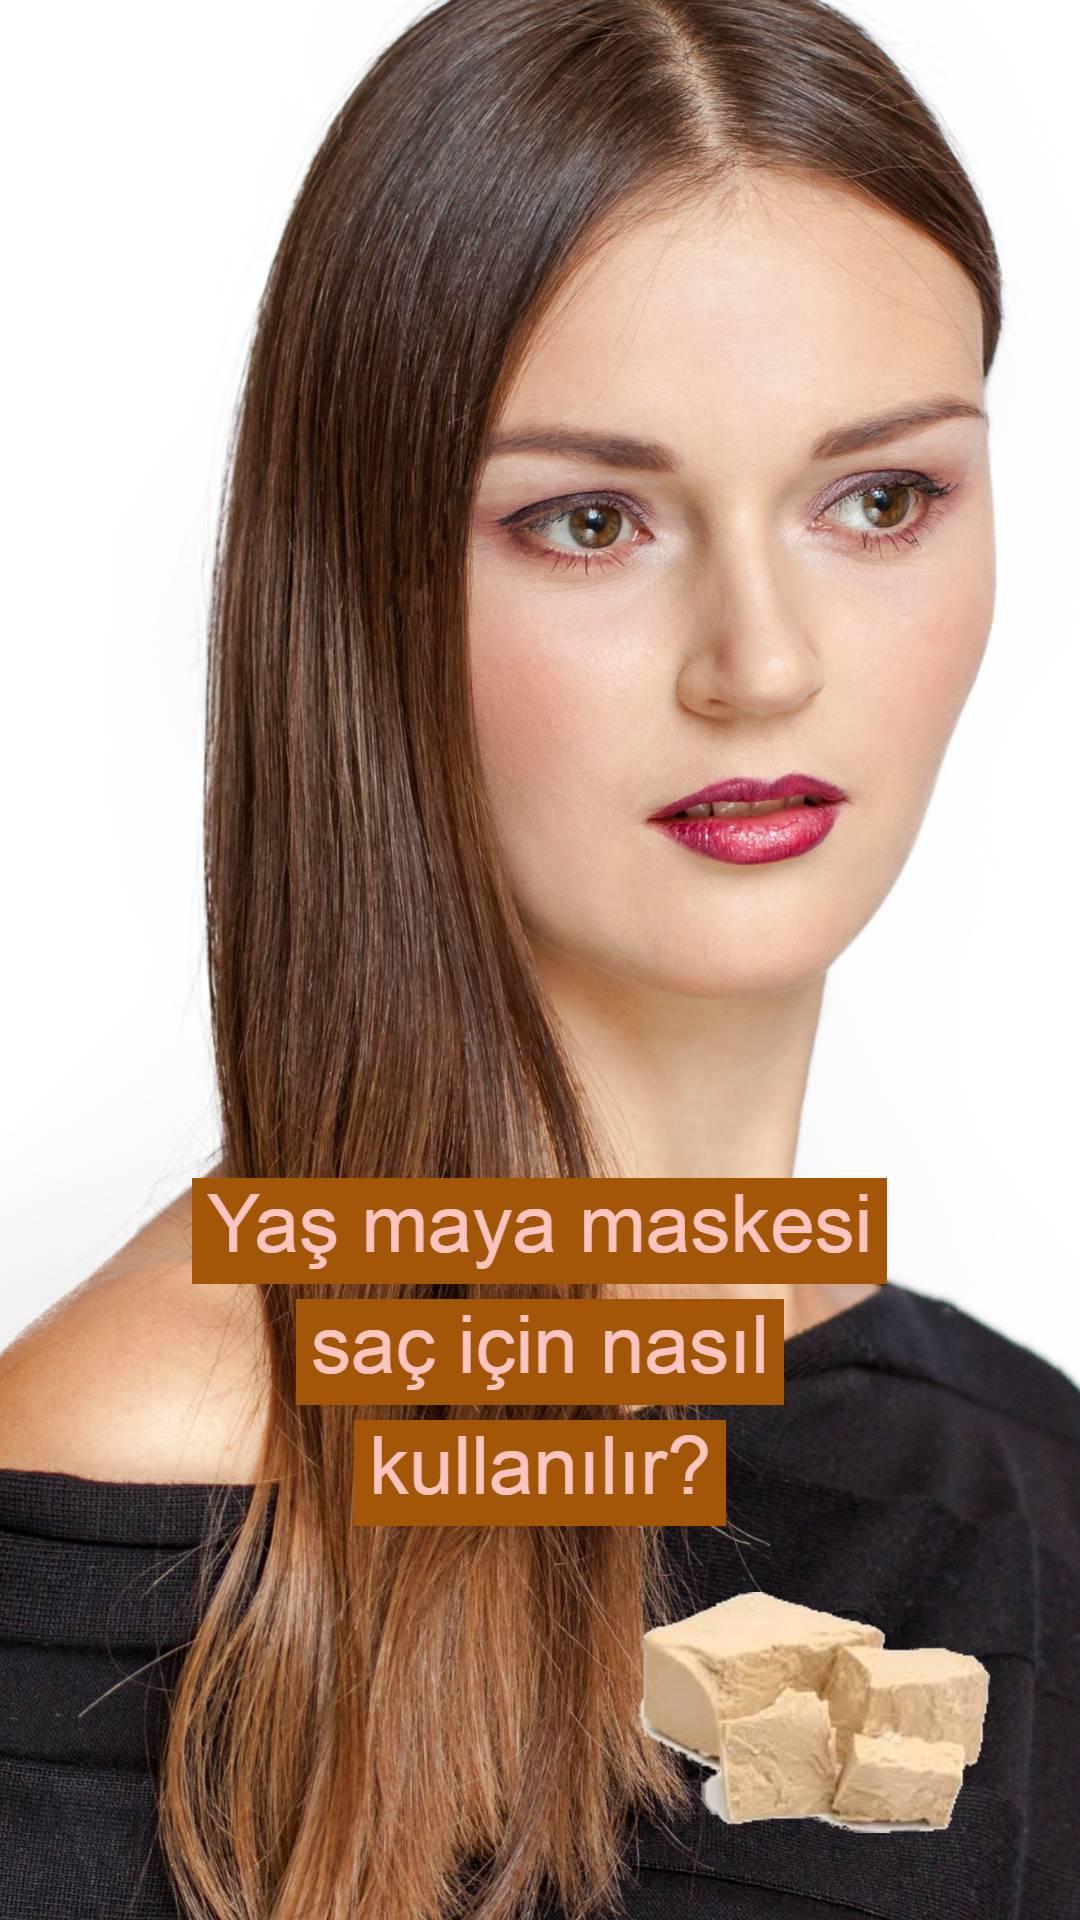 Yaş mayayla saç maskesi yaparak 10 günde daha dolgun, daha parlak, daha ipeksi saçlar!